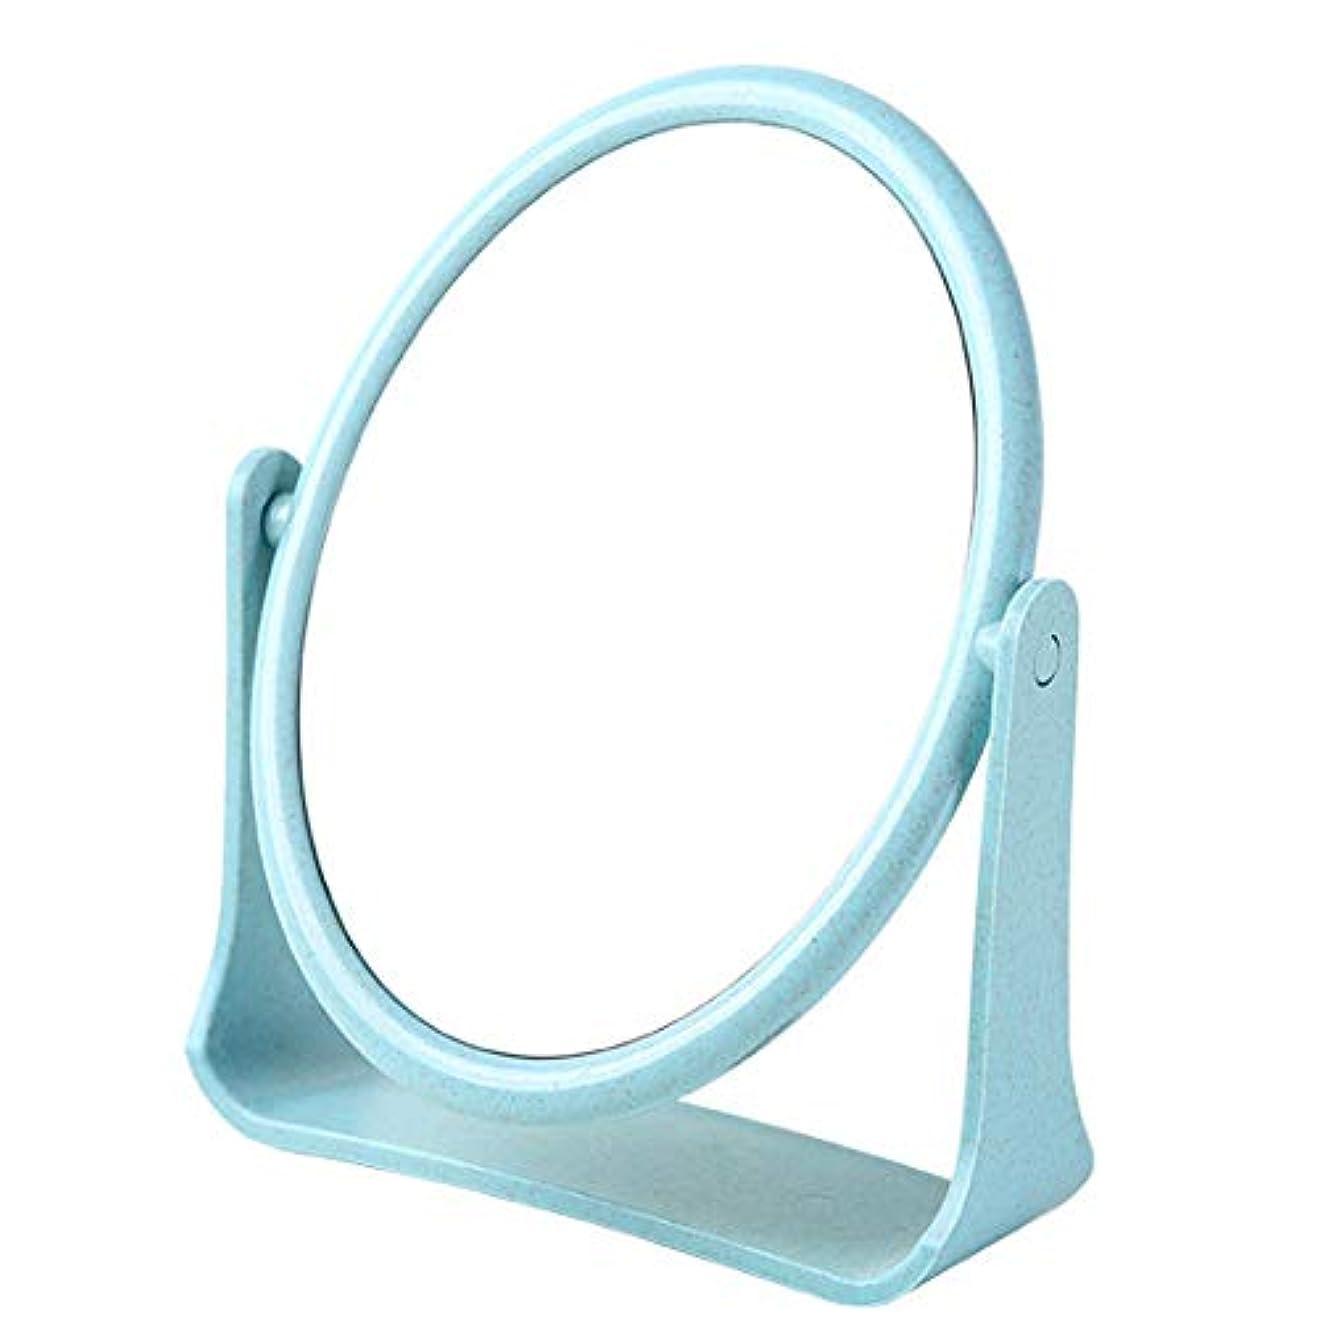 明確に割る自動化粧鏡 360度回転 スタンドミラー メイク両面鏡 ポータブル 多角度転換可能円形のカウンタートップ (ブルー)